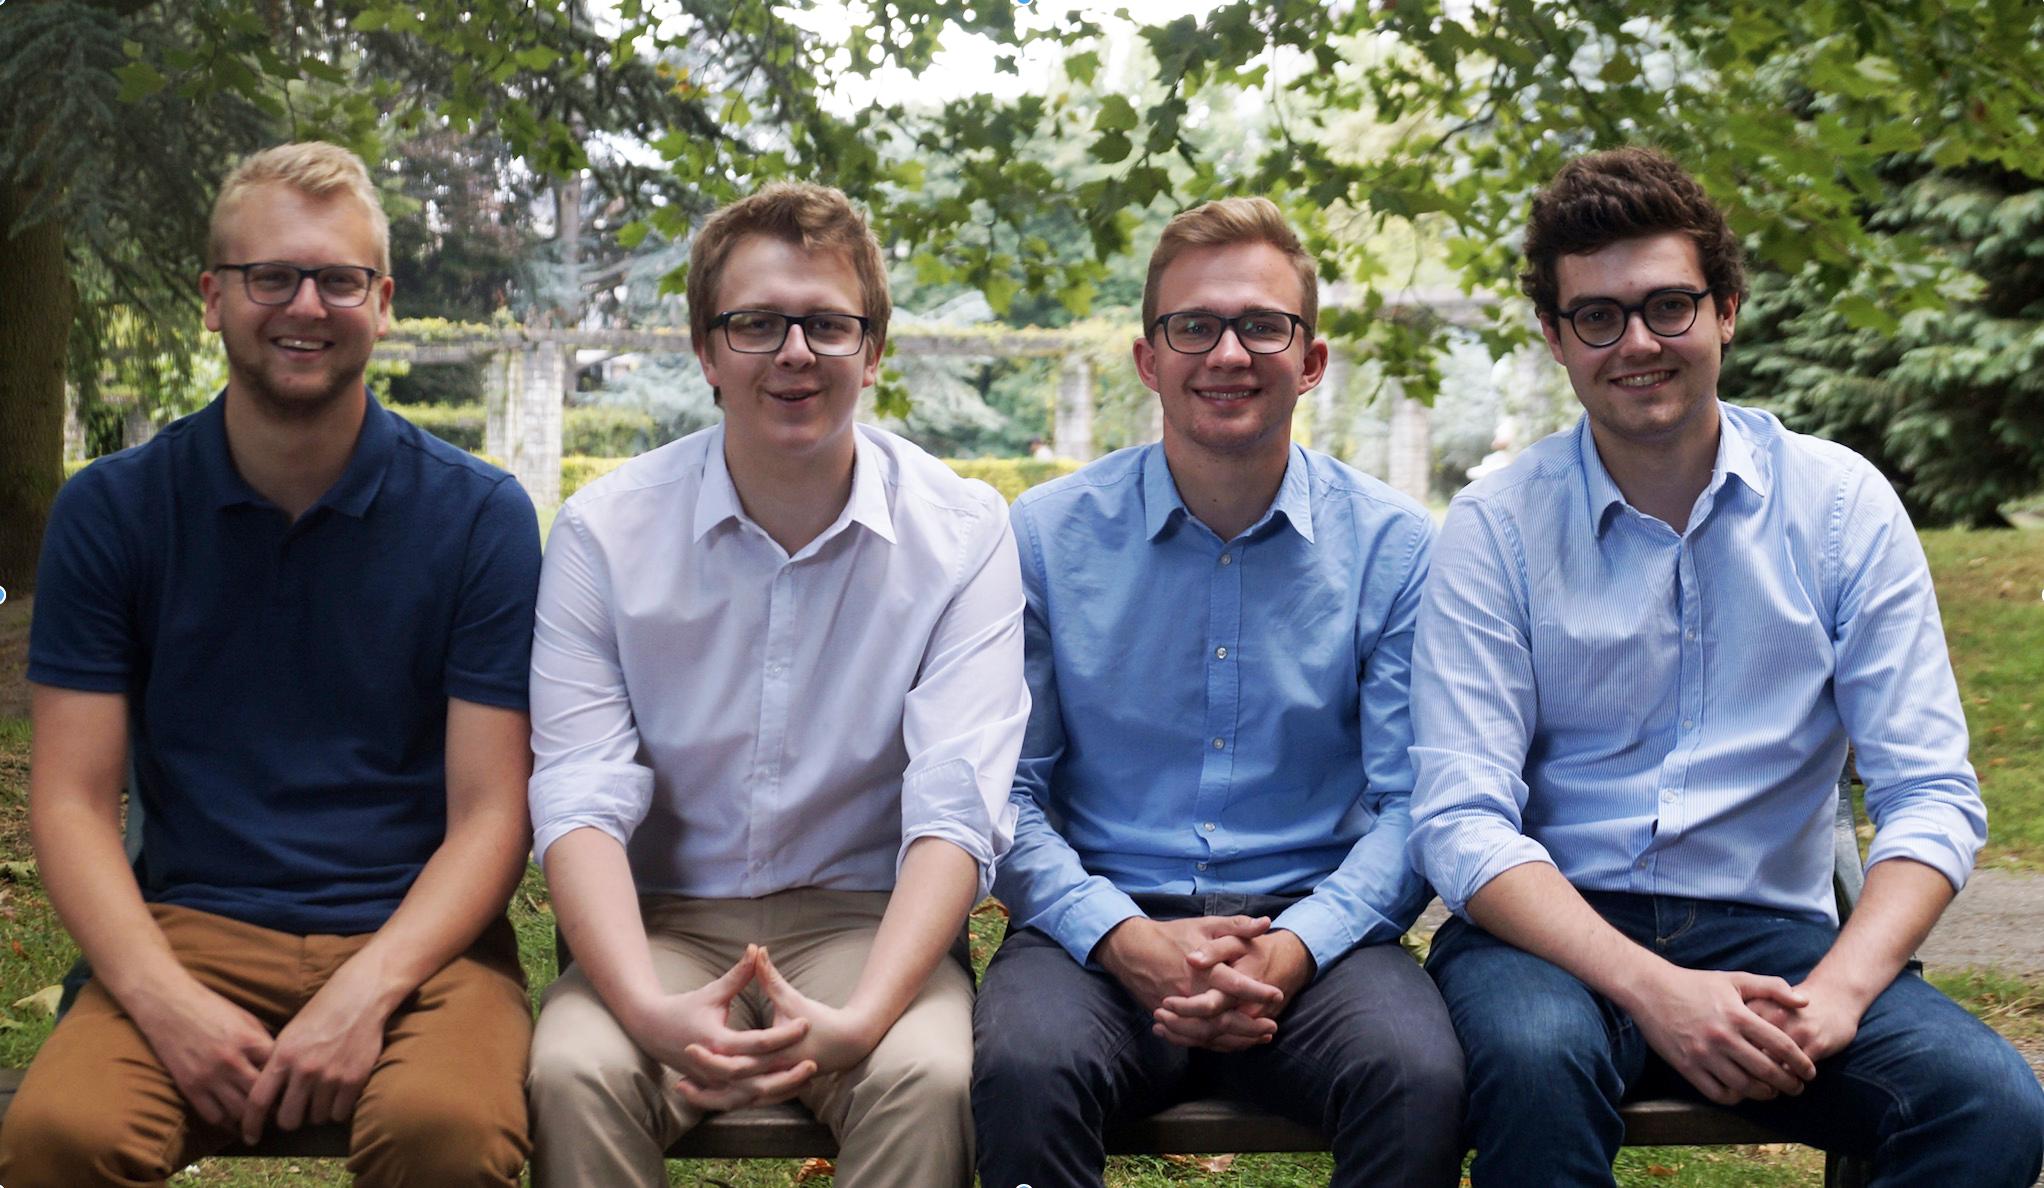 BeerSelect werd geselecteerd in het acceleratorprogramma van The Birdhouse voor start-ups en scale-ups